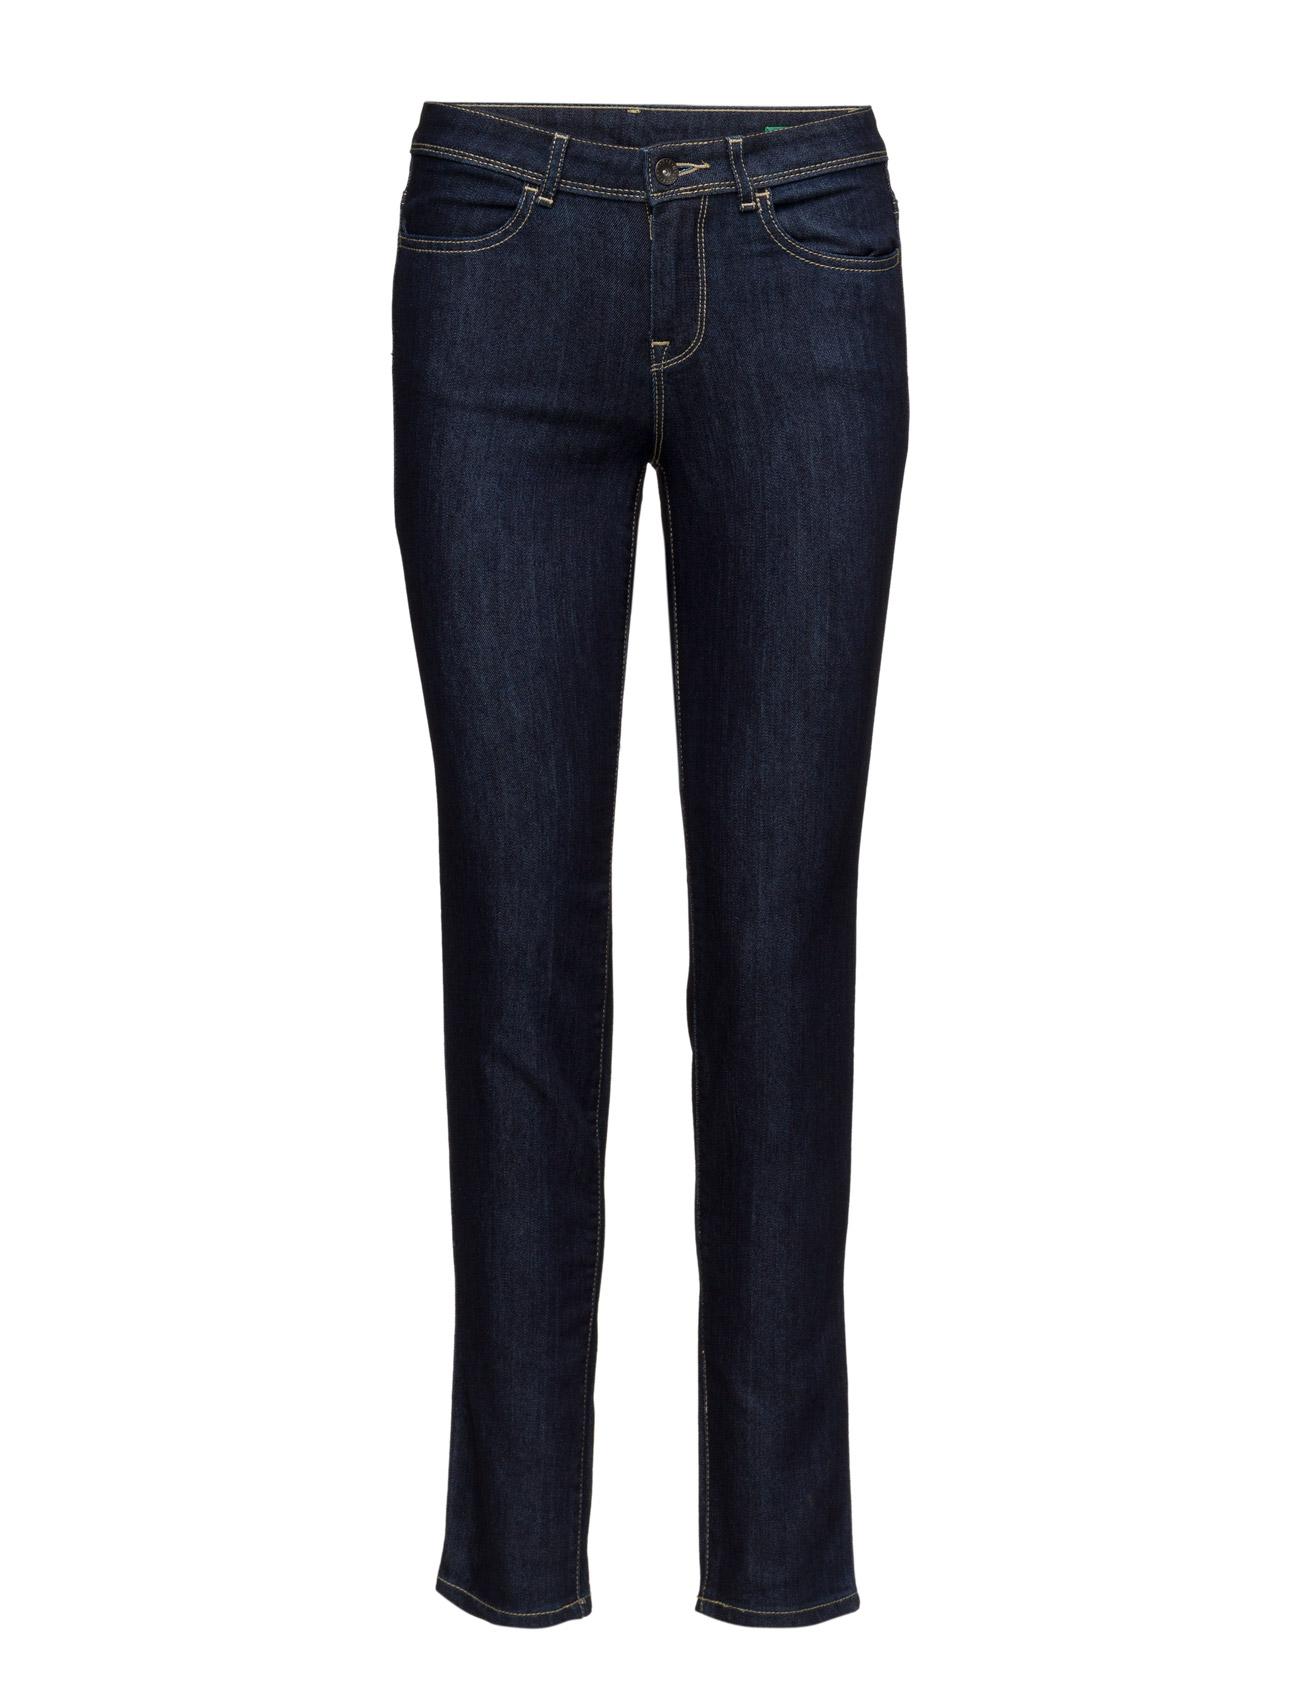 Trousers United Colors of Benetton Skinny til Kvinder i Mørkegrå